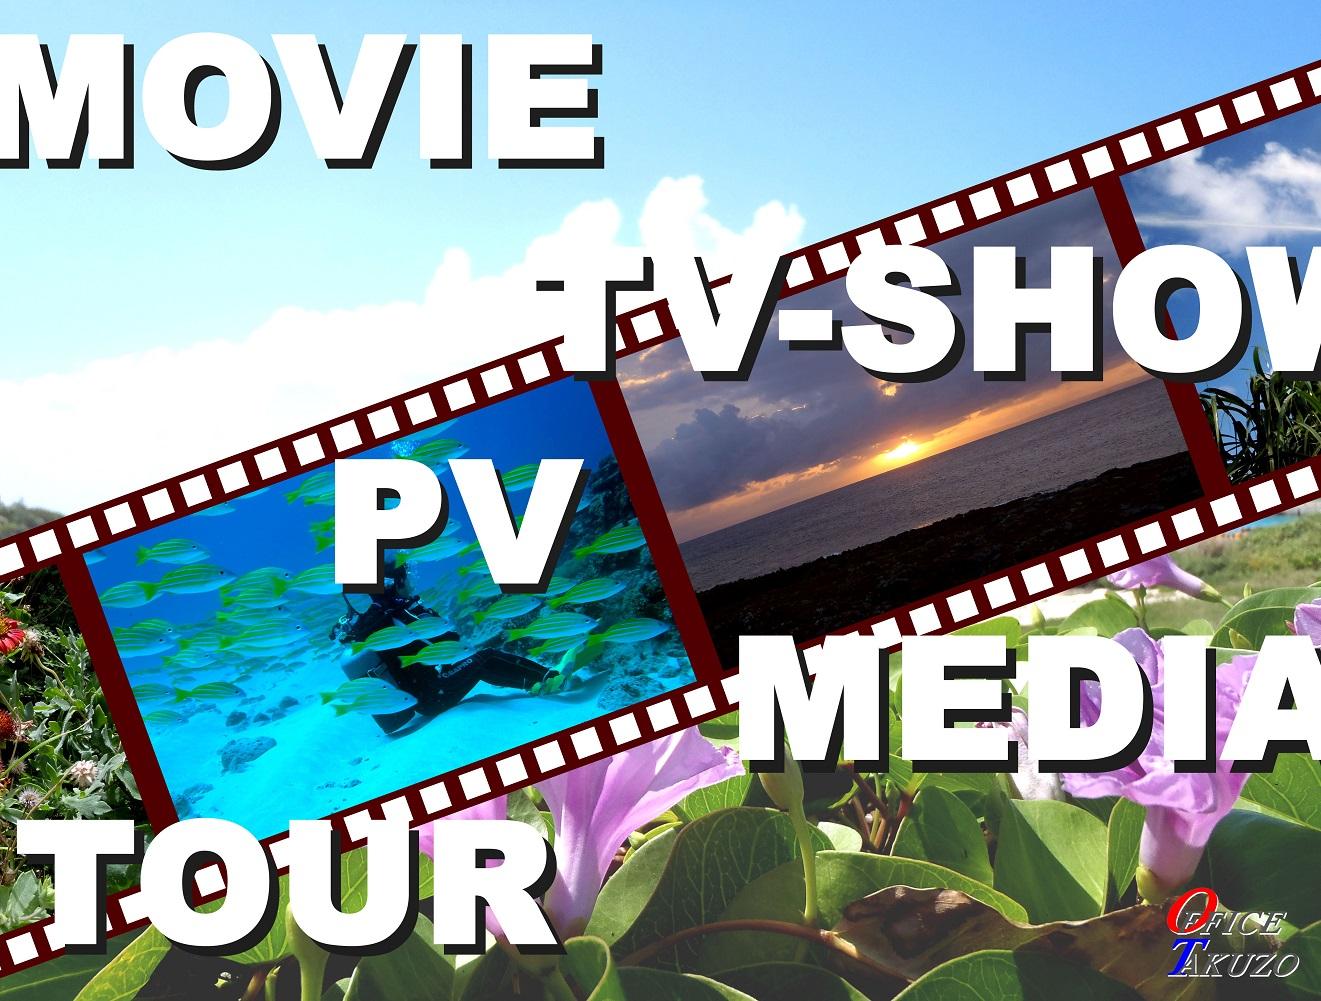 喜界島ロケCM撮影TV番組制作映画プロモーションビデオ映像コーディネート